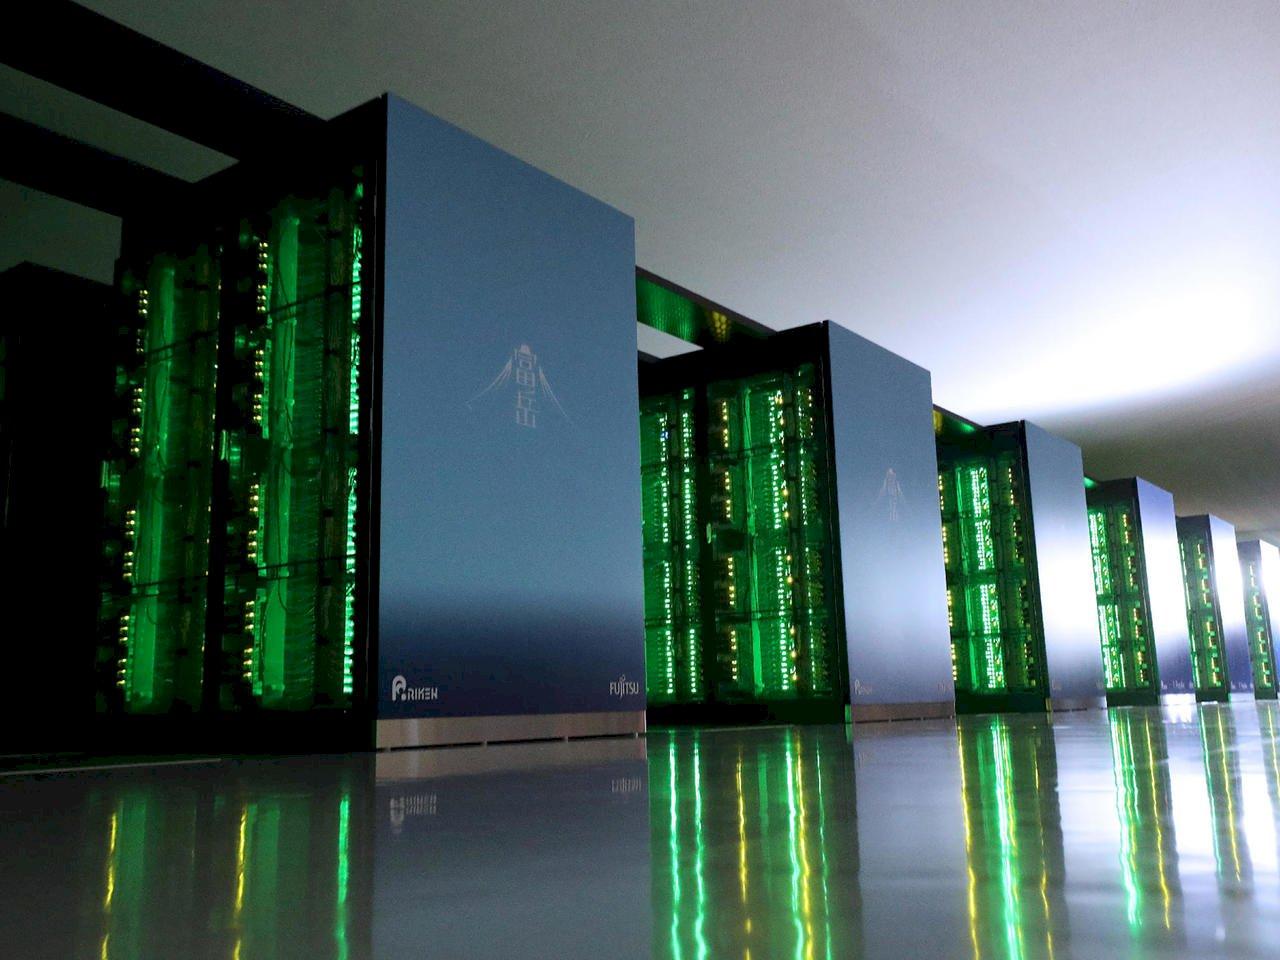 超級電腦世界爭霸戰 日本富岳擠下美中奪第一